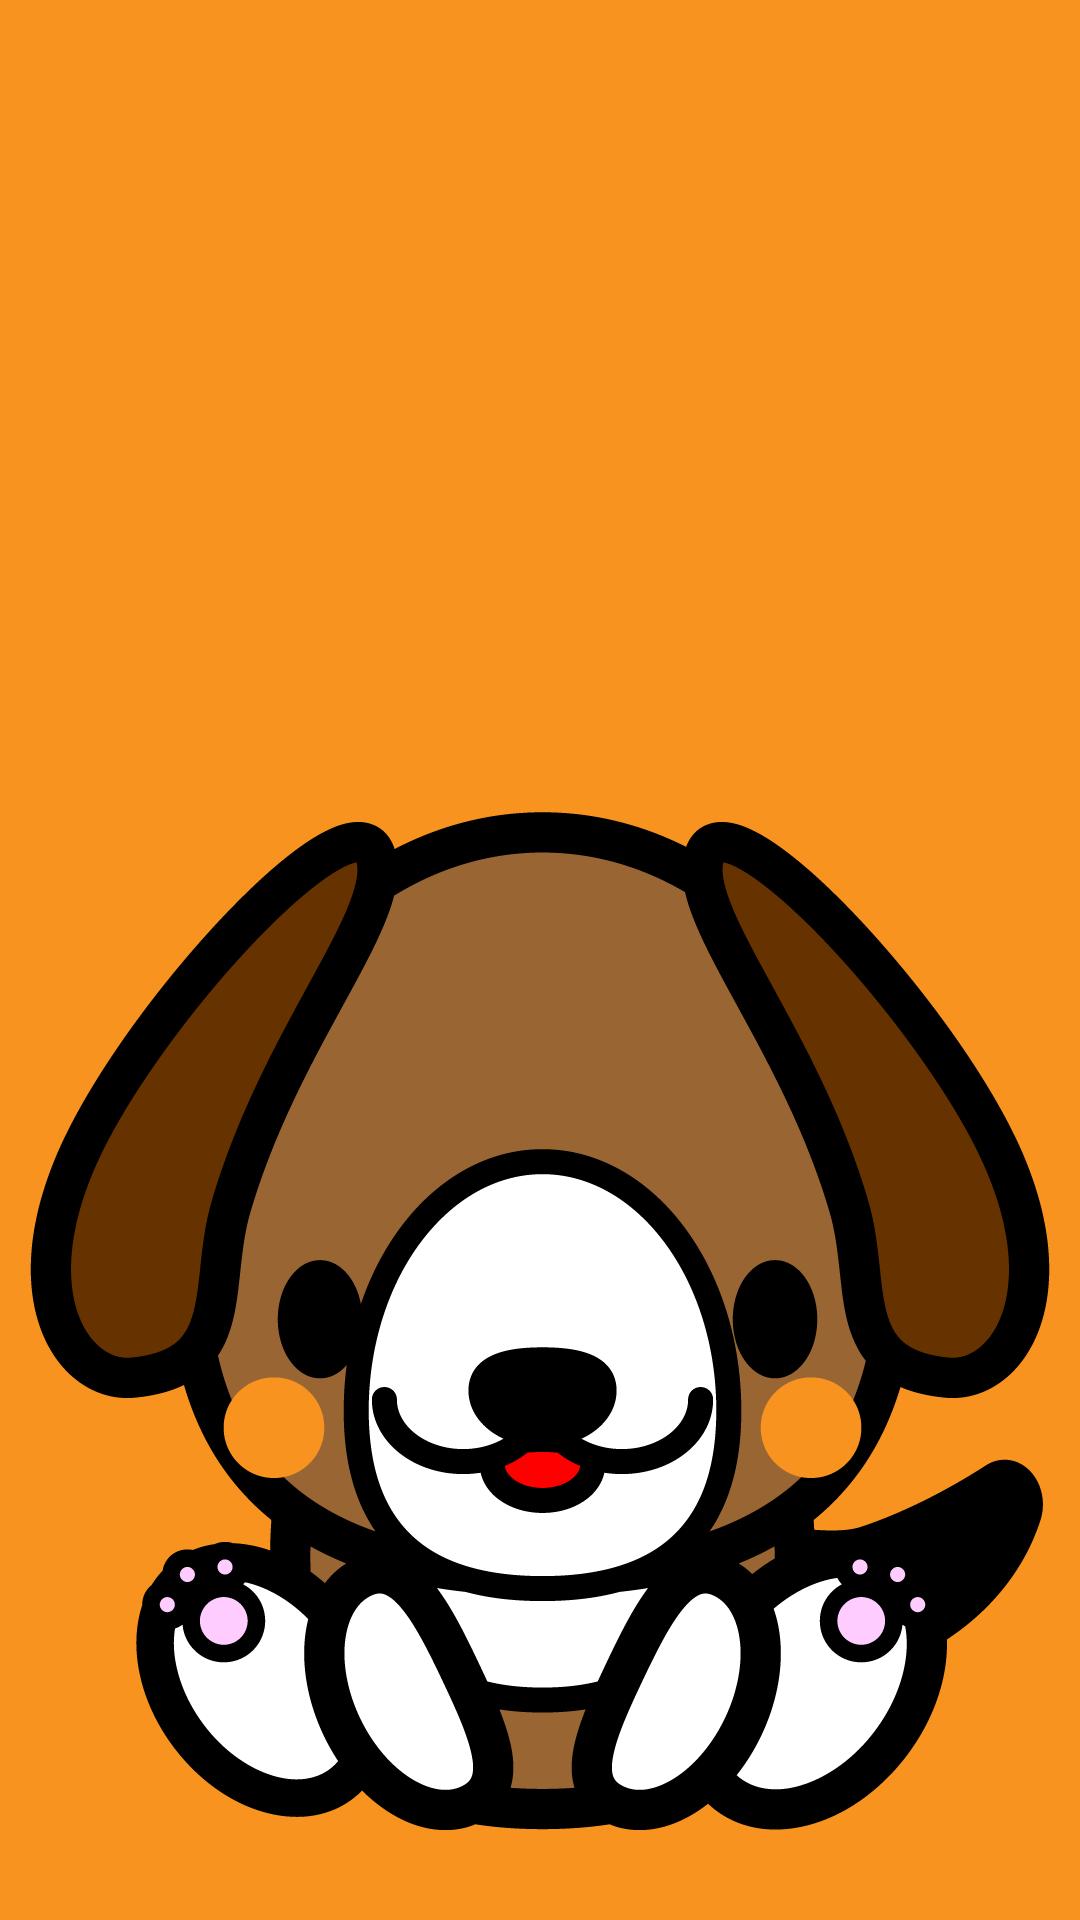 かわいい座りビーグル犬壁紙(iPhone)の無料イラスト・商用フリー